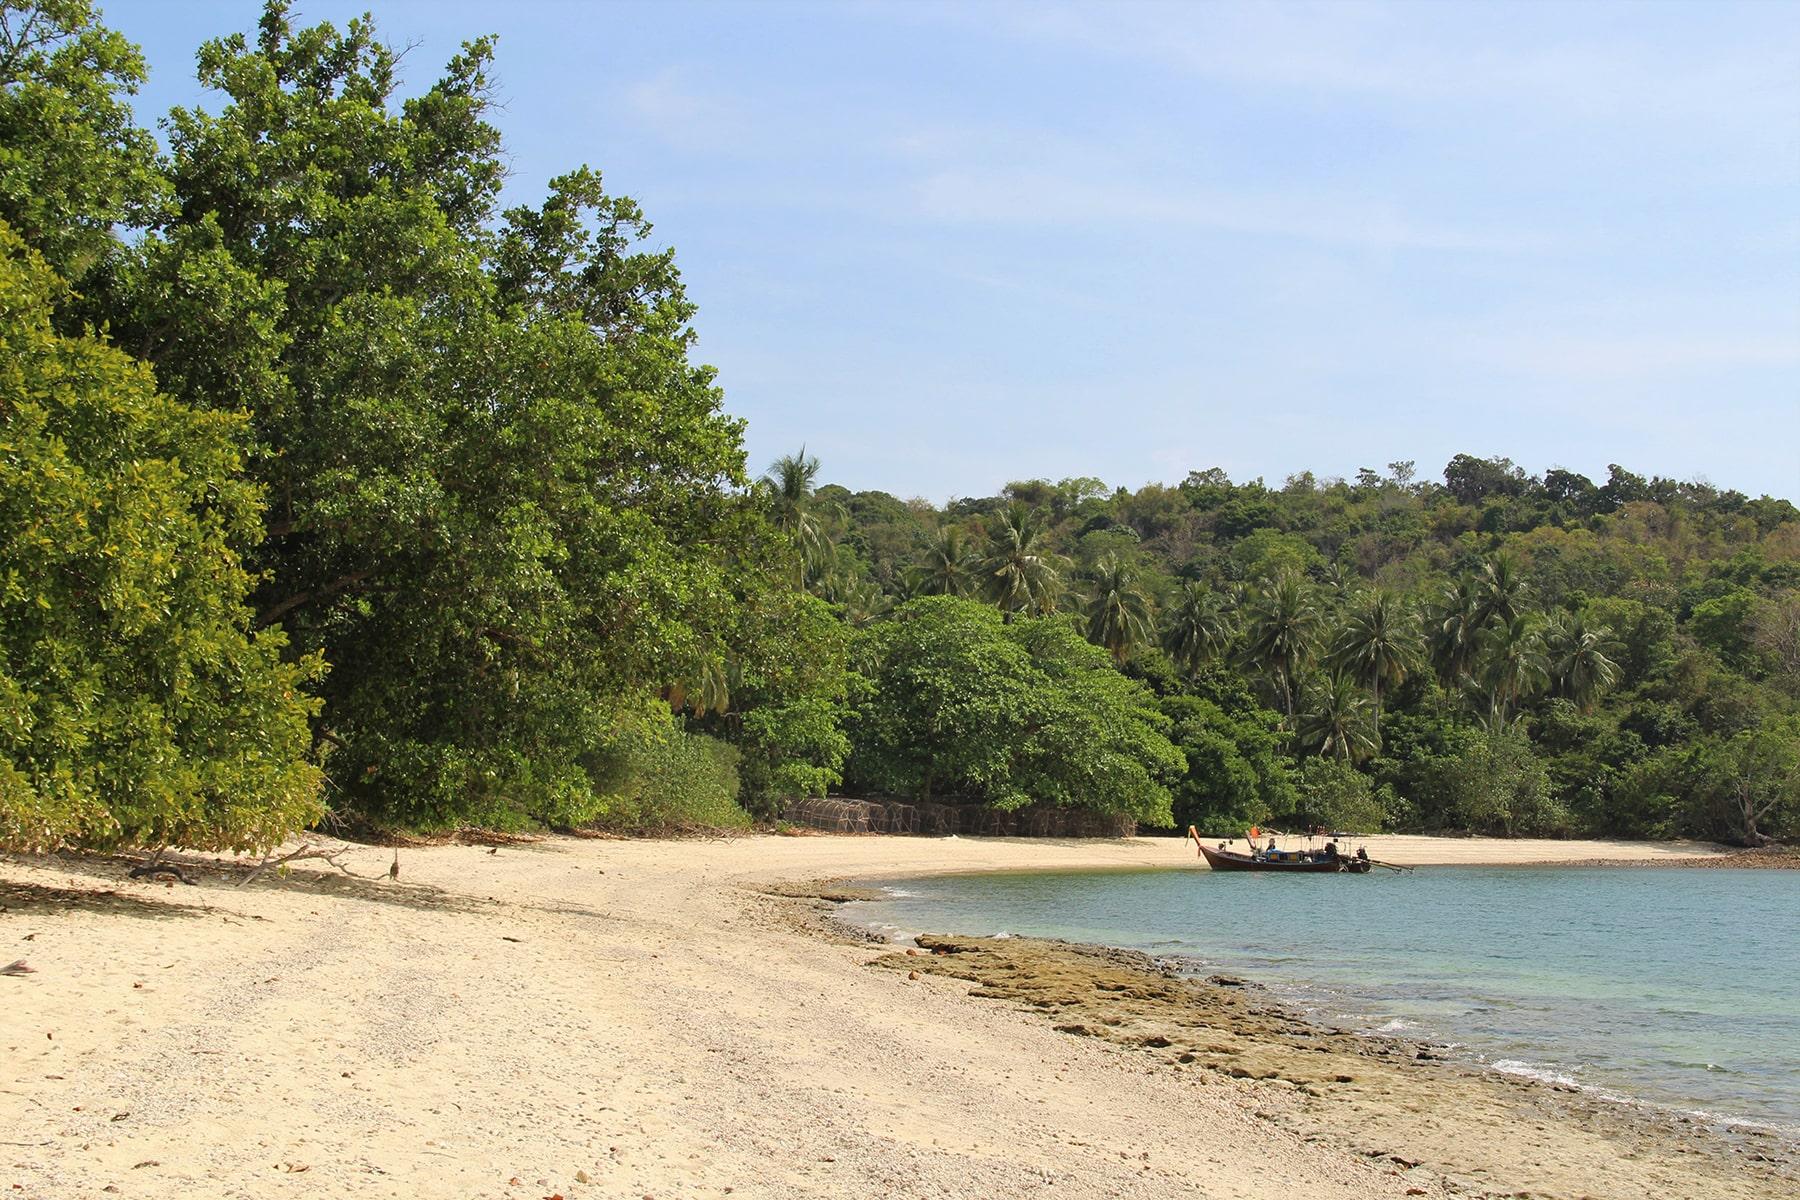 Ao Muang beach in Koh Yao Yai